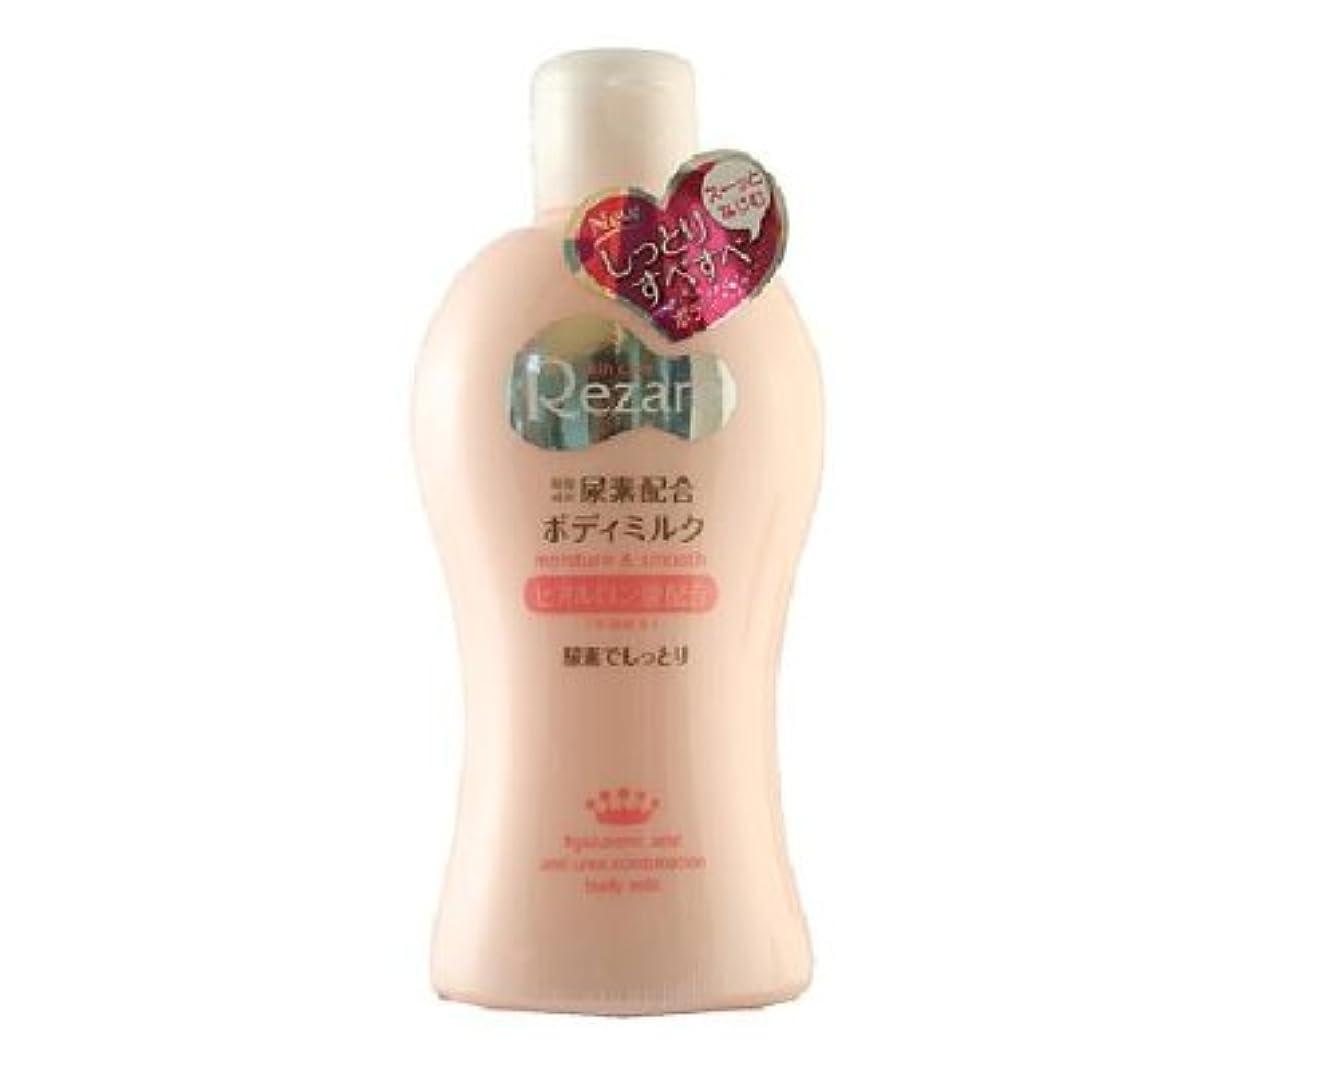 教科書ソロアーサーレザレ ボディミルク(H) 尿素配合ボディ用乳液 230g